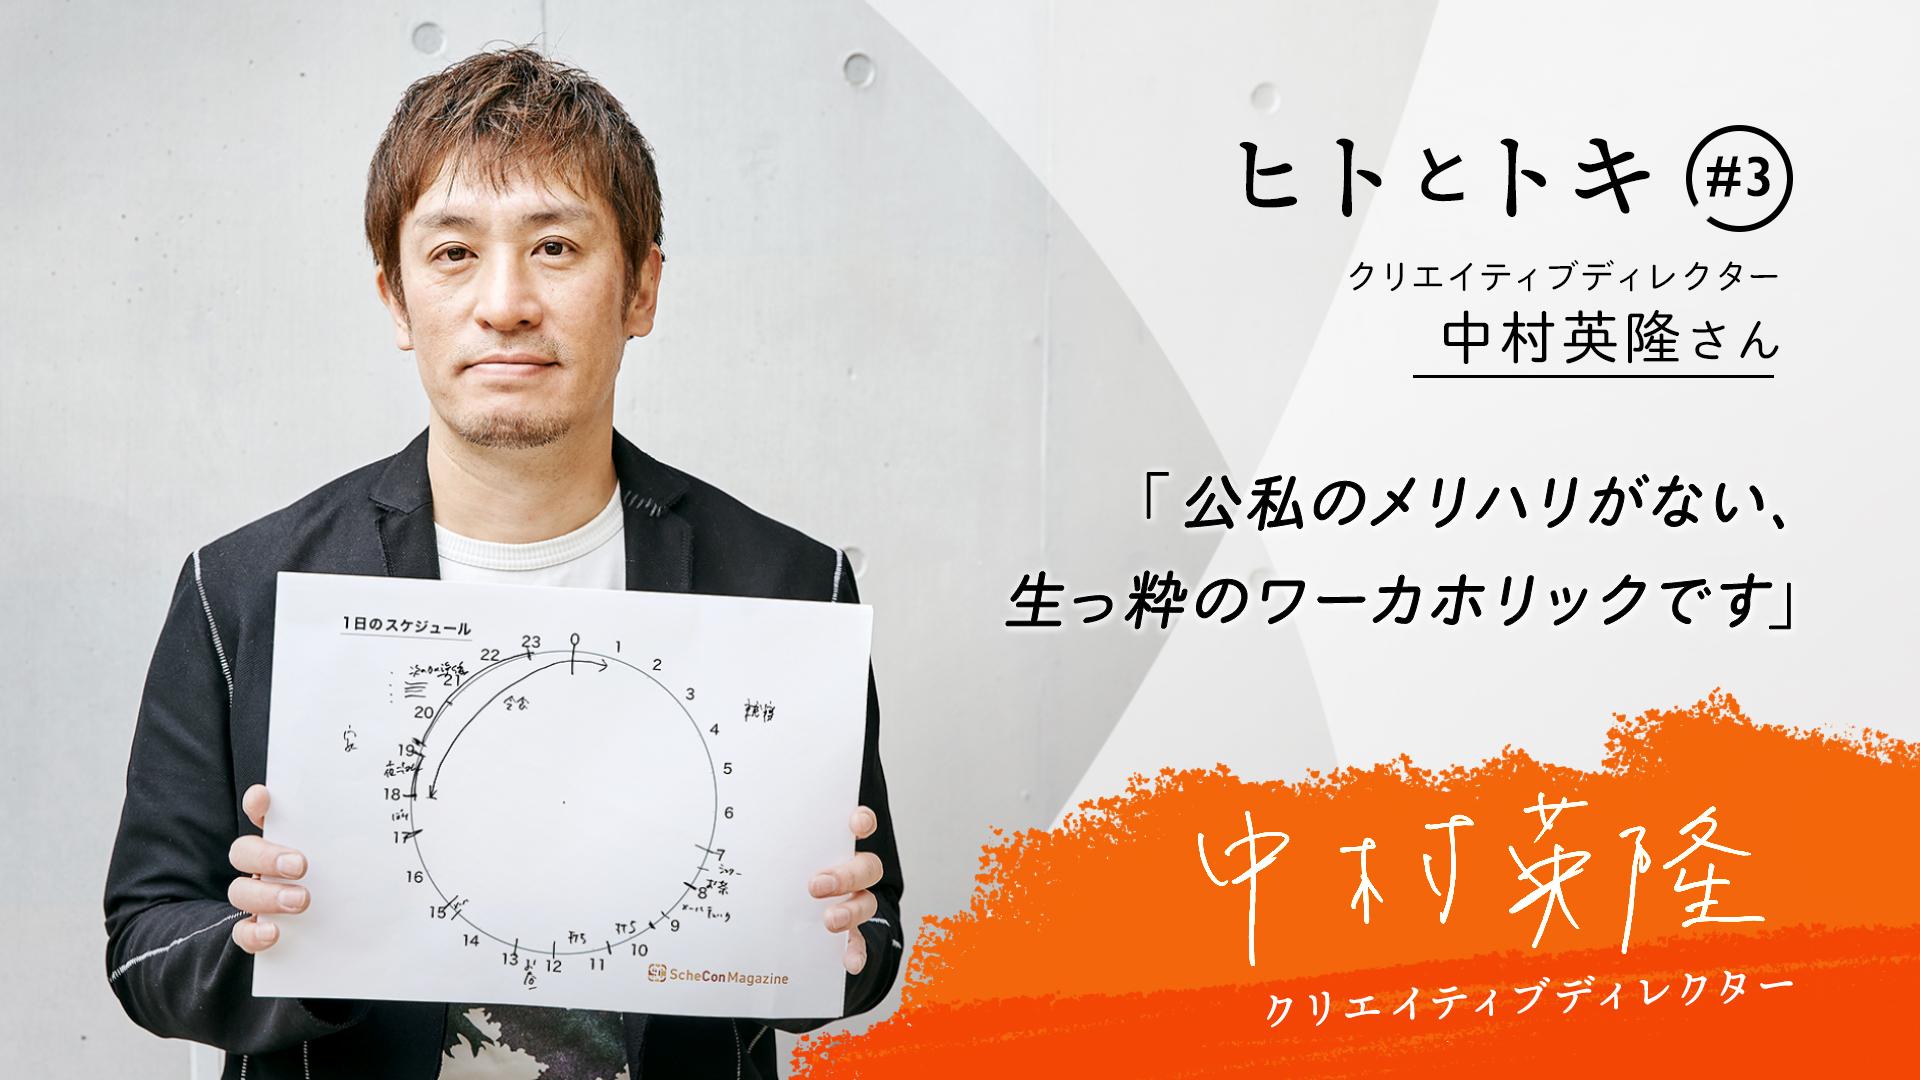 【ヒトとトキ♯03】クリエイティブディレクター 中村英隆さん「公私のメリハリがない、生っ粋のワーカホリックです」